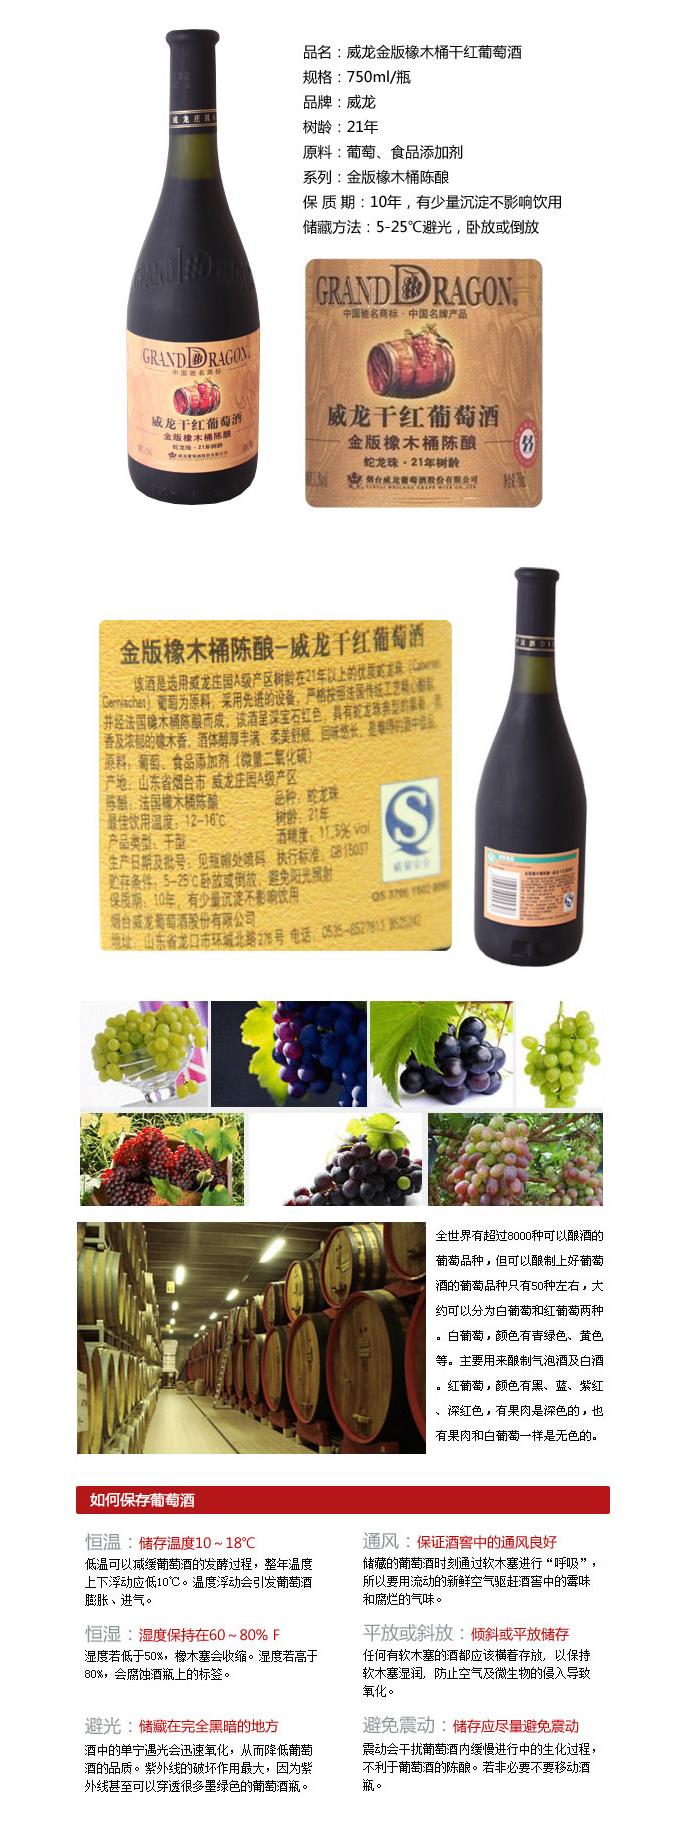 【聚优惠】威龙金版橡木桶21年树龄干红葡萄酒4798